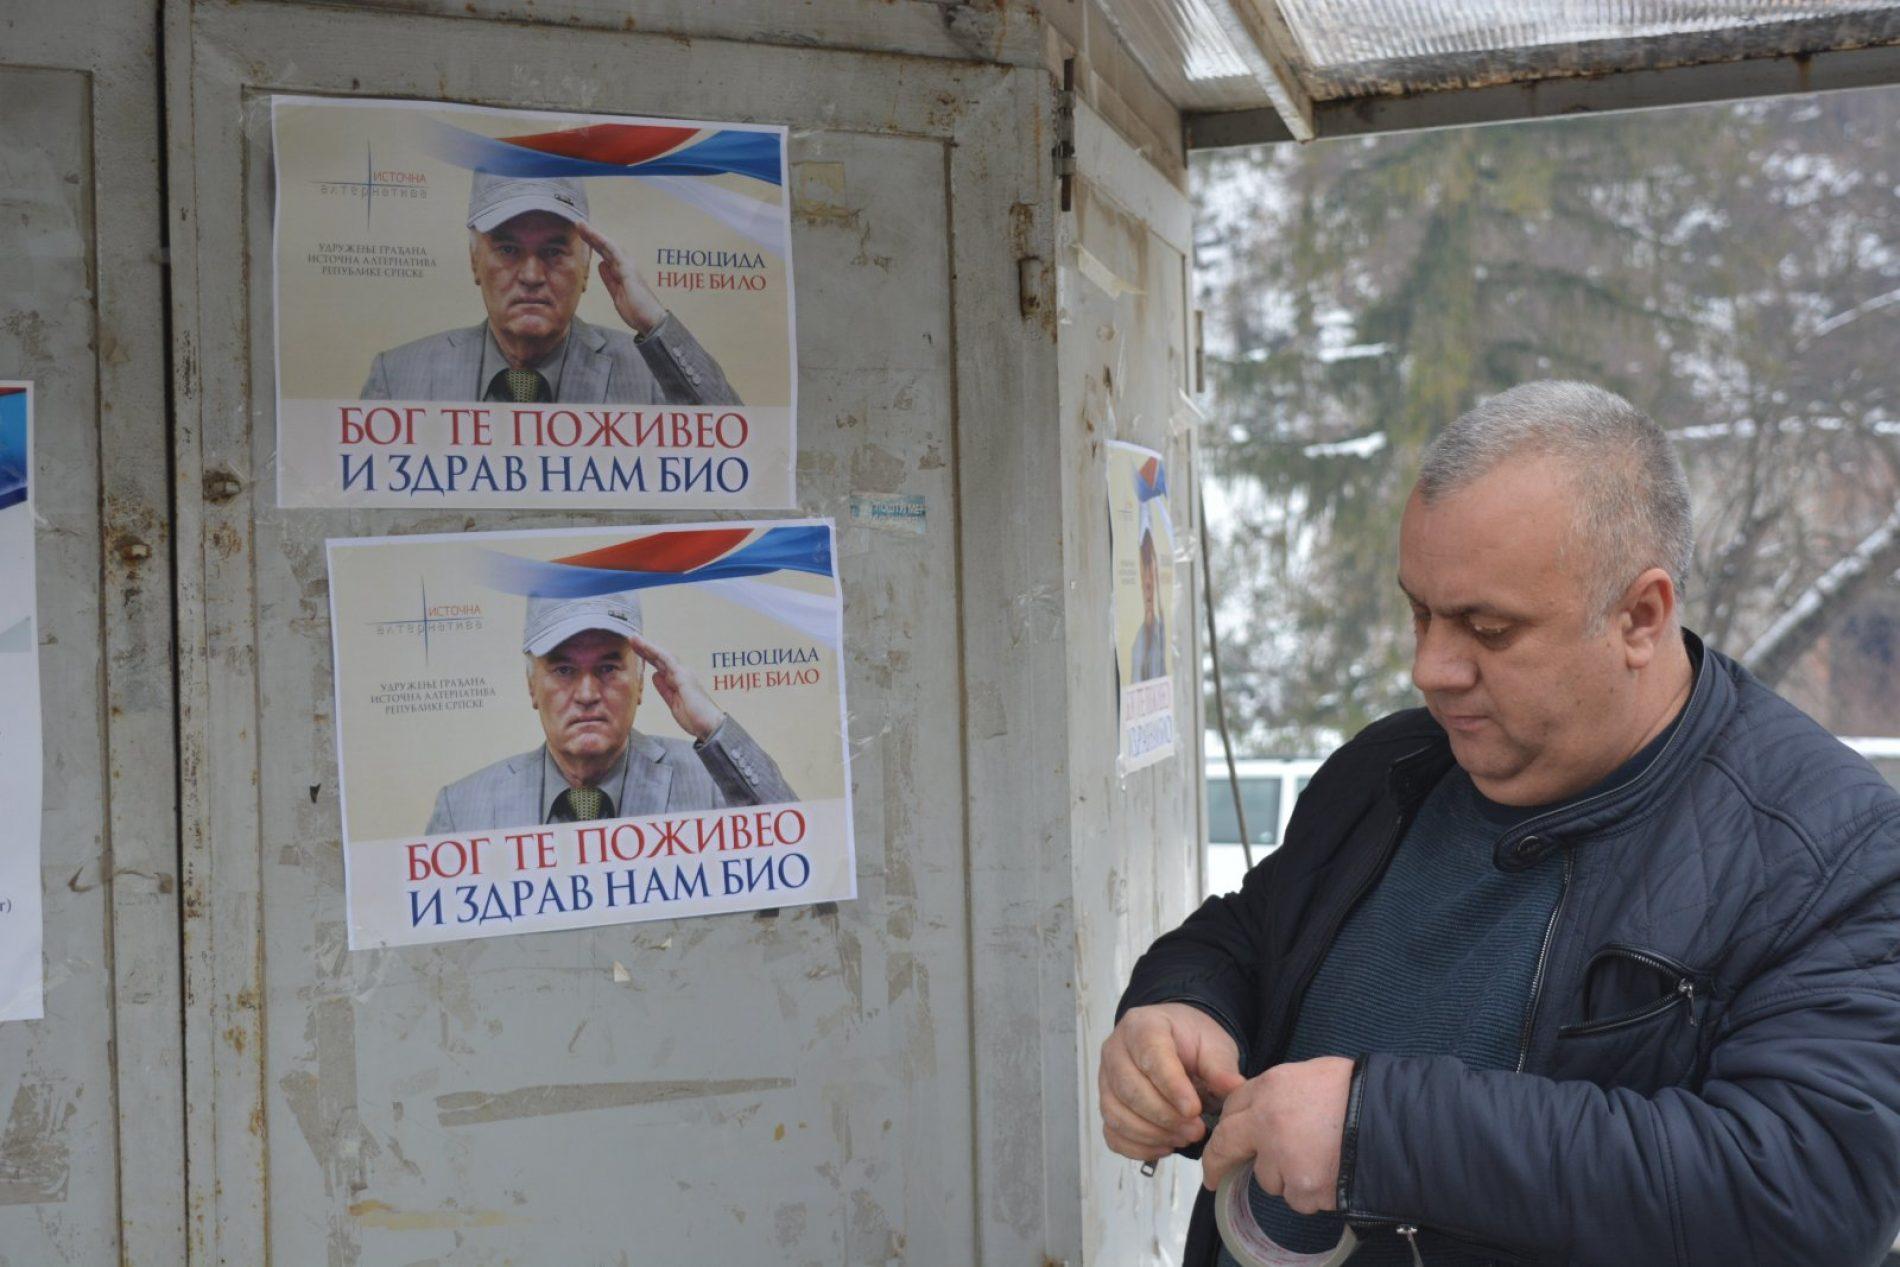 Plakate kojima se negira genocid i veliča zločinac,  poskidali Srebreničani kojima je dosta zastrašivanja